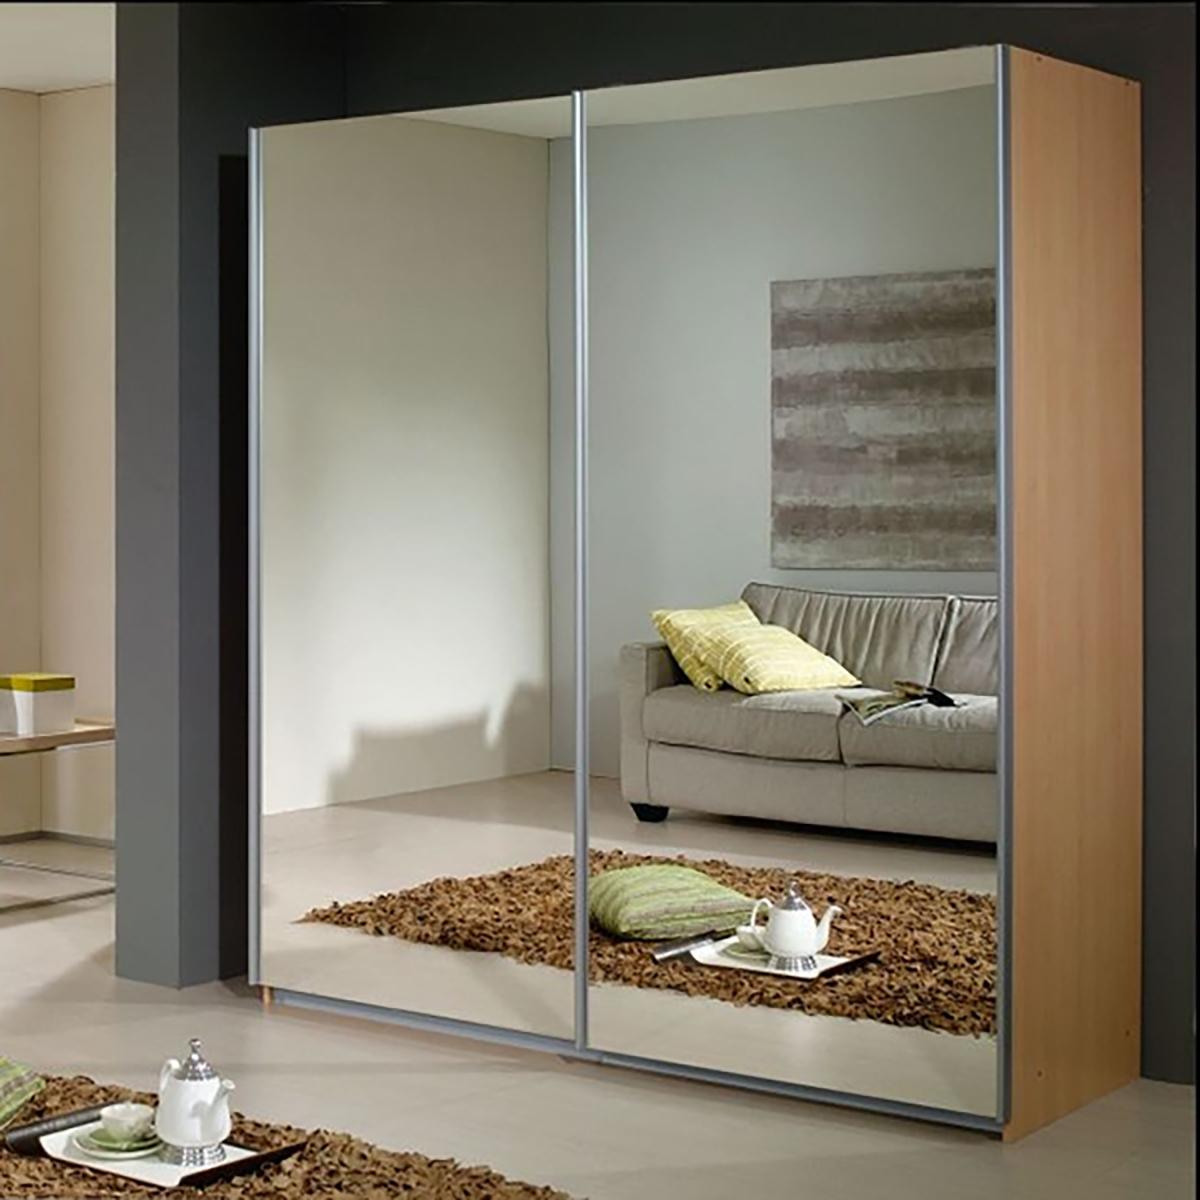 2-дверный корпусный шкаф-купе с зеркалом.